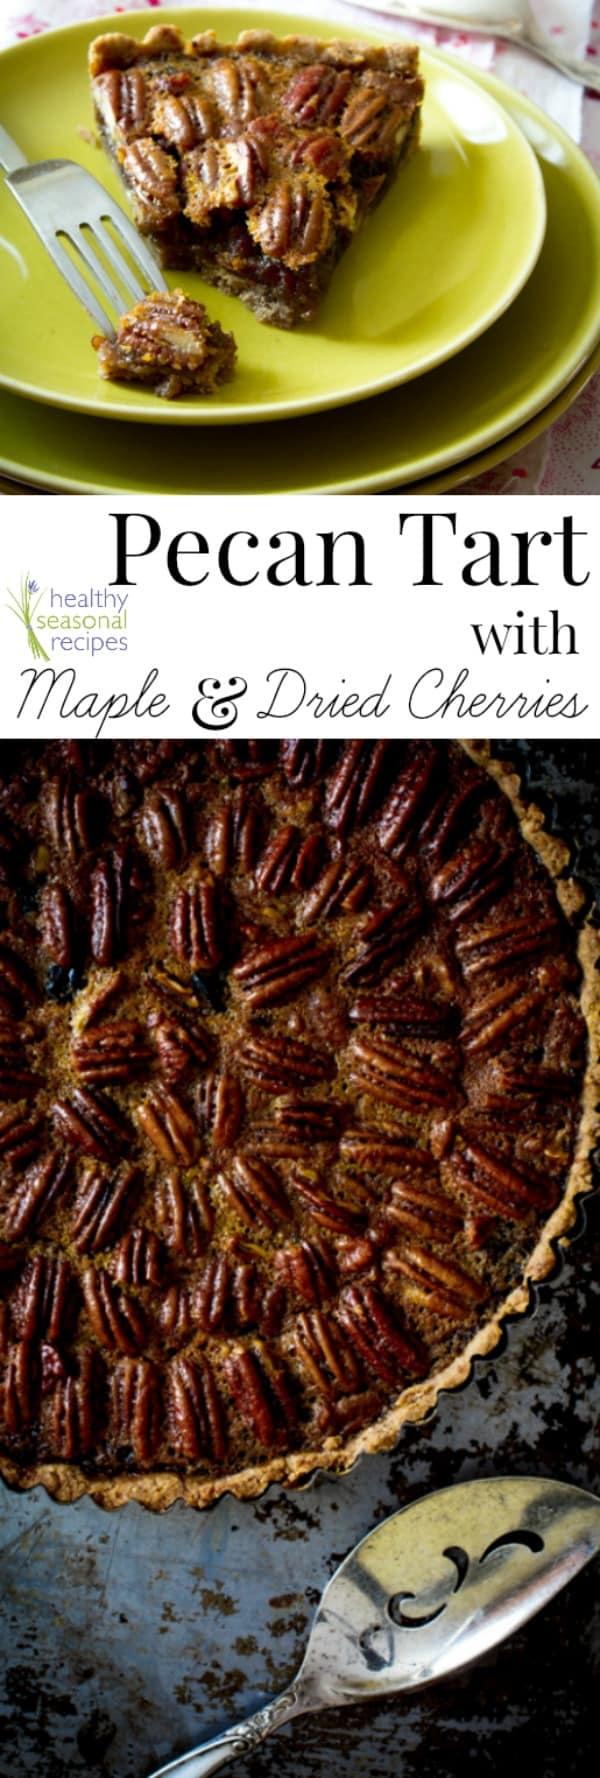 pecan tart with text